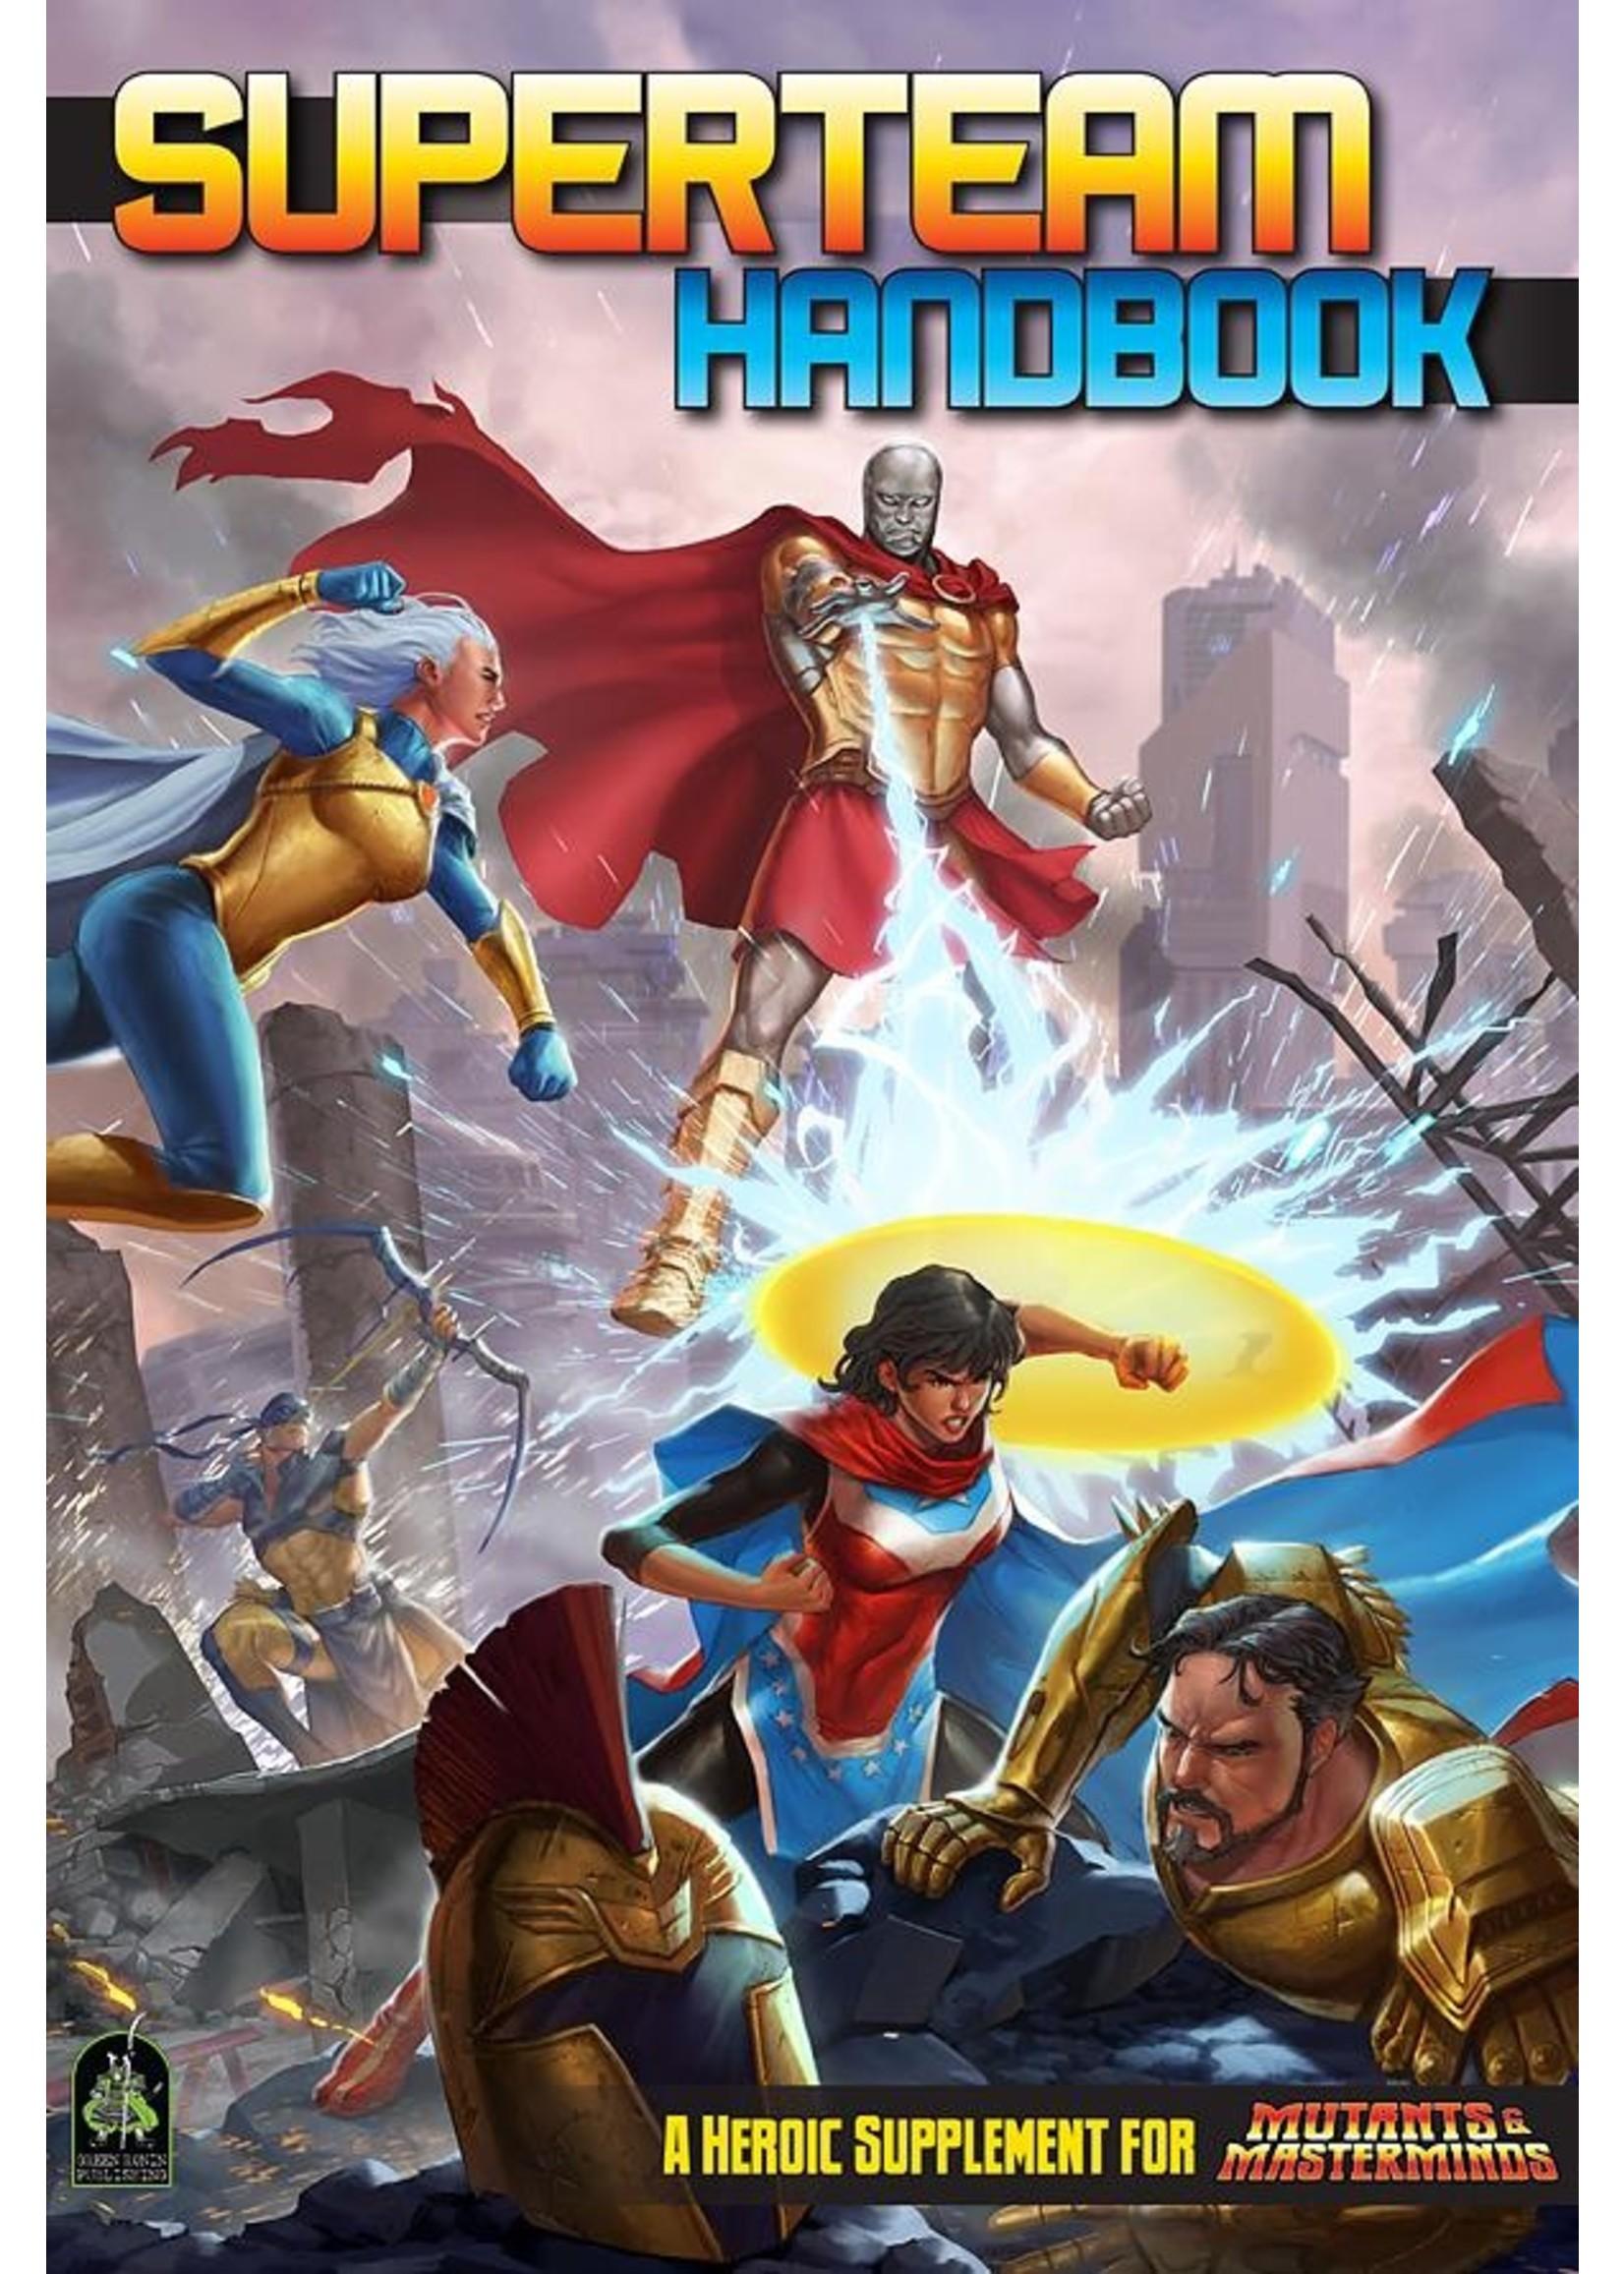 Mutants and Masterminds: Superteam Handbook